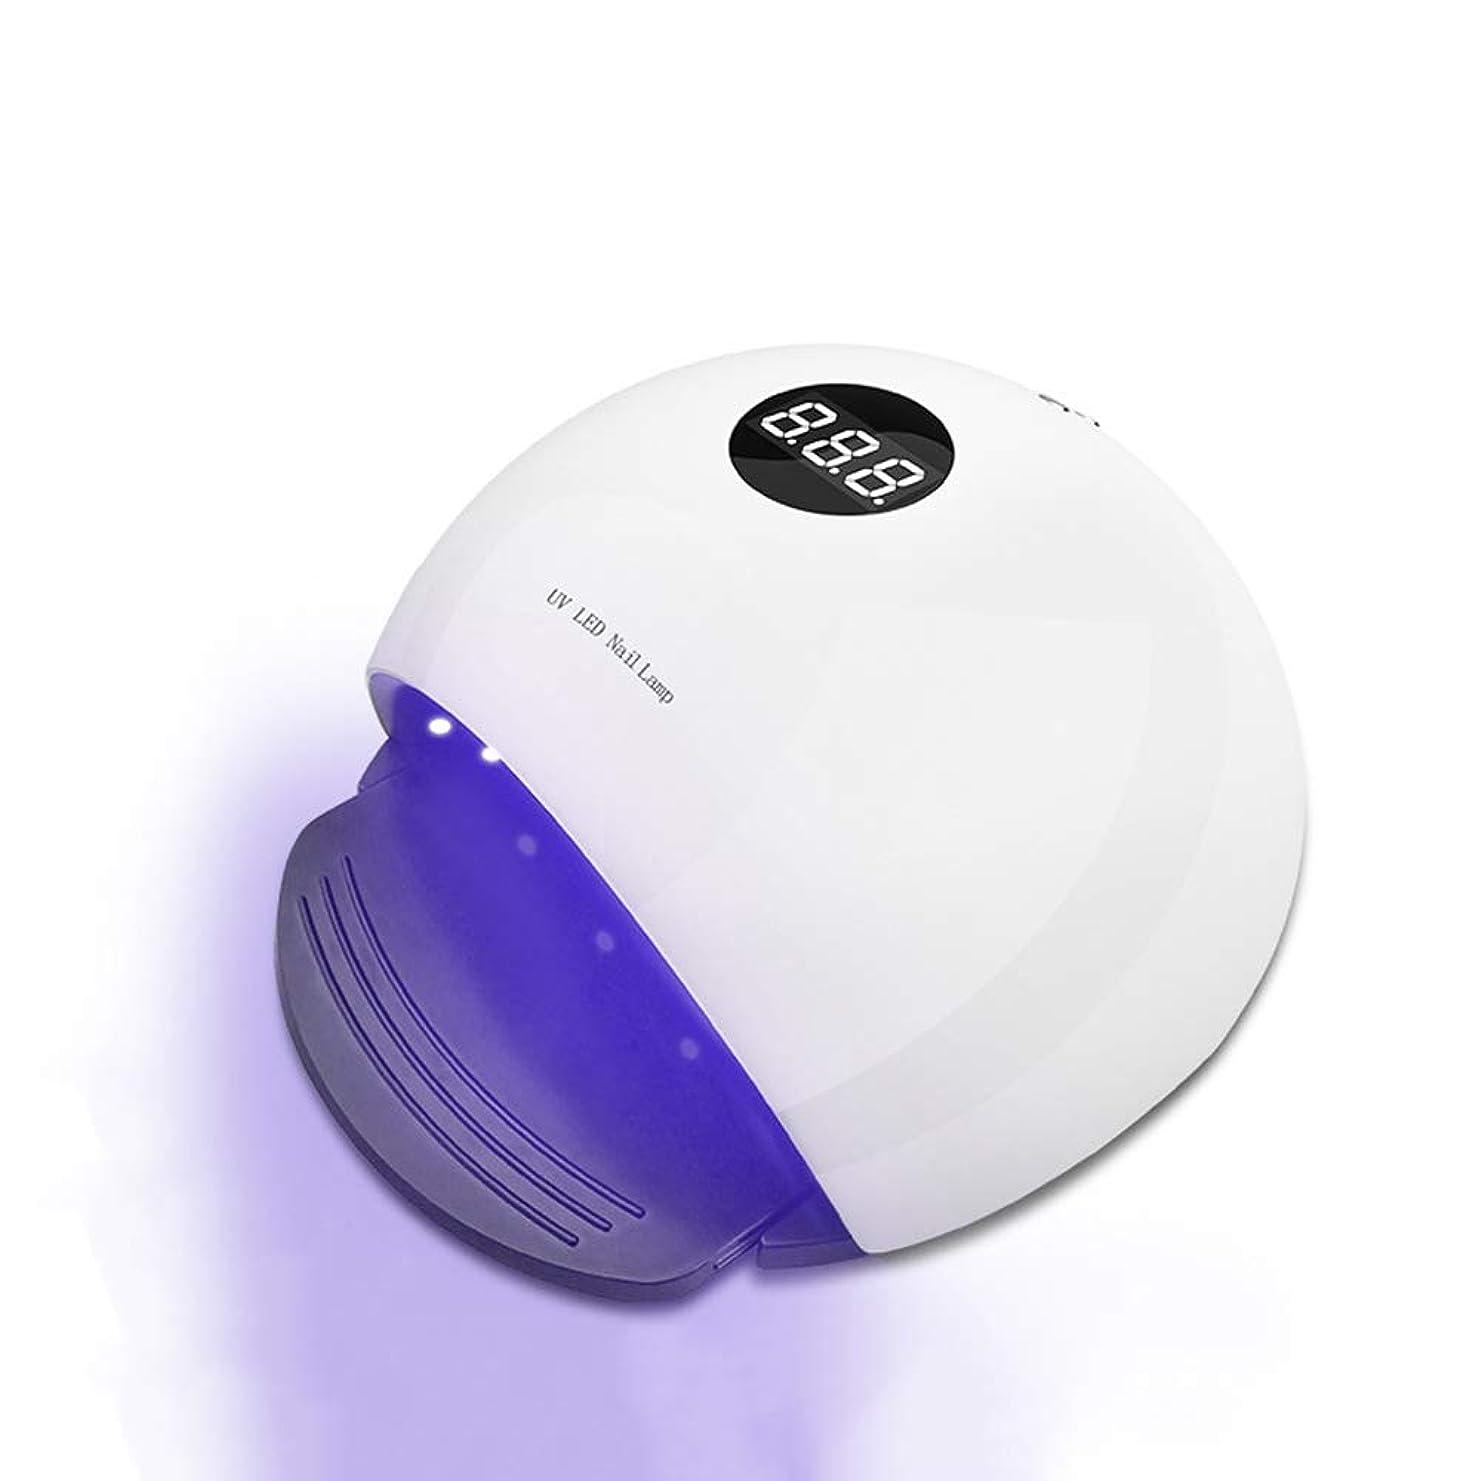 マラソンコミュニケーション実証するネイル光線療法機 ネイルドライヤー - ネイルランプ36W / 48Wデュアル光源LED / UVドライヤーすべてのベーキングプラスチックネイルグルー用インテリジェントタイミング